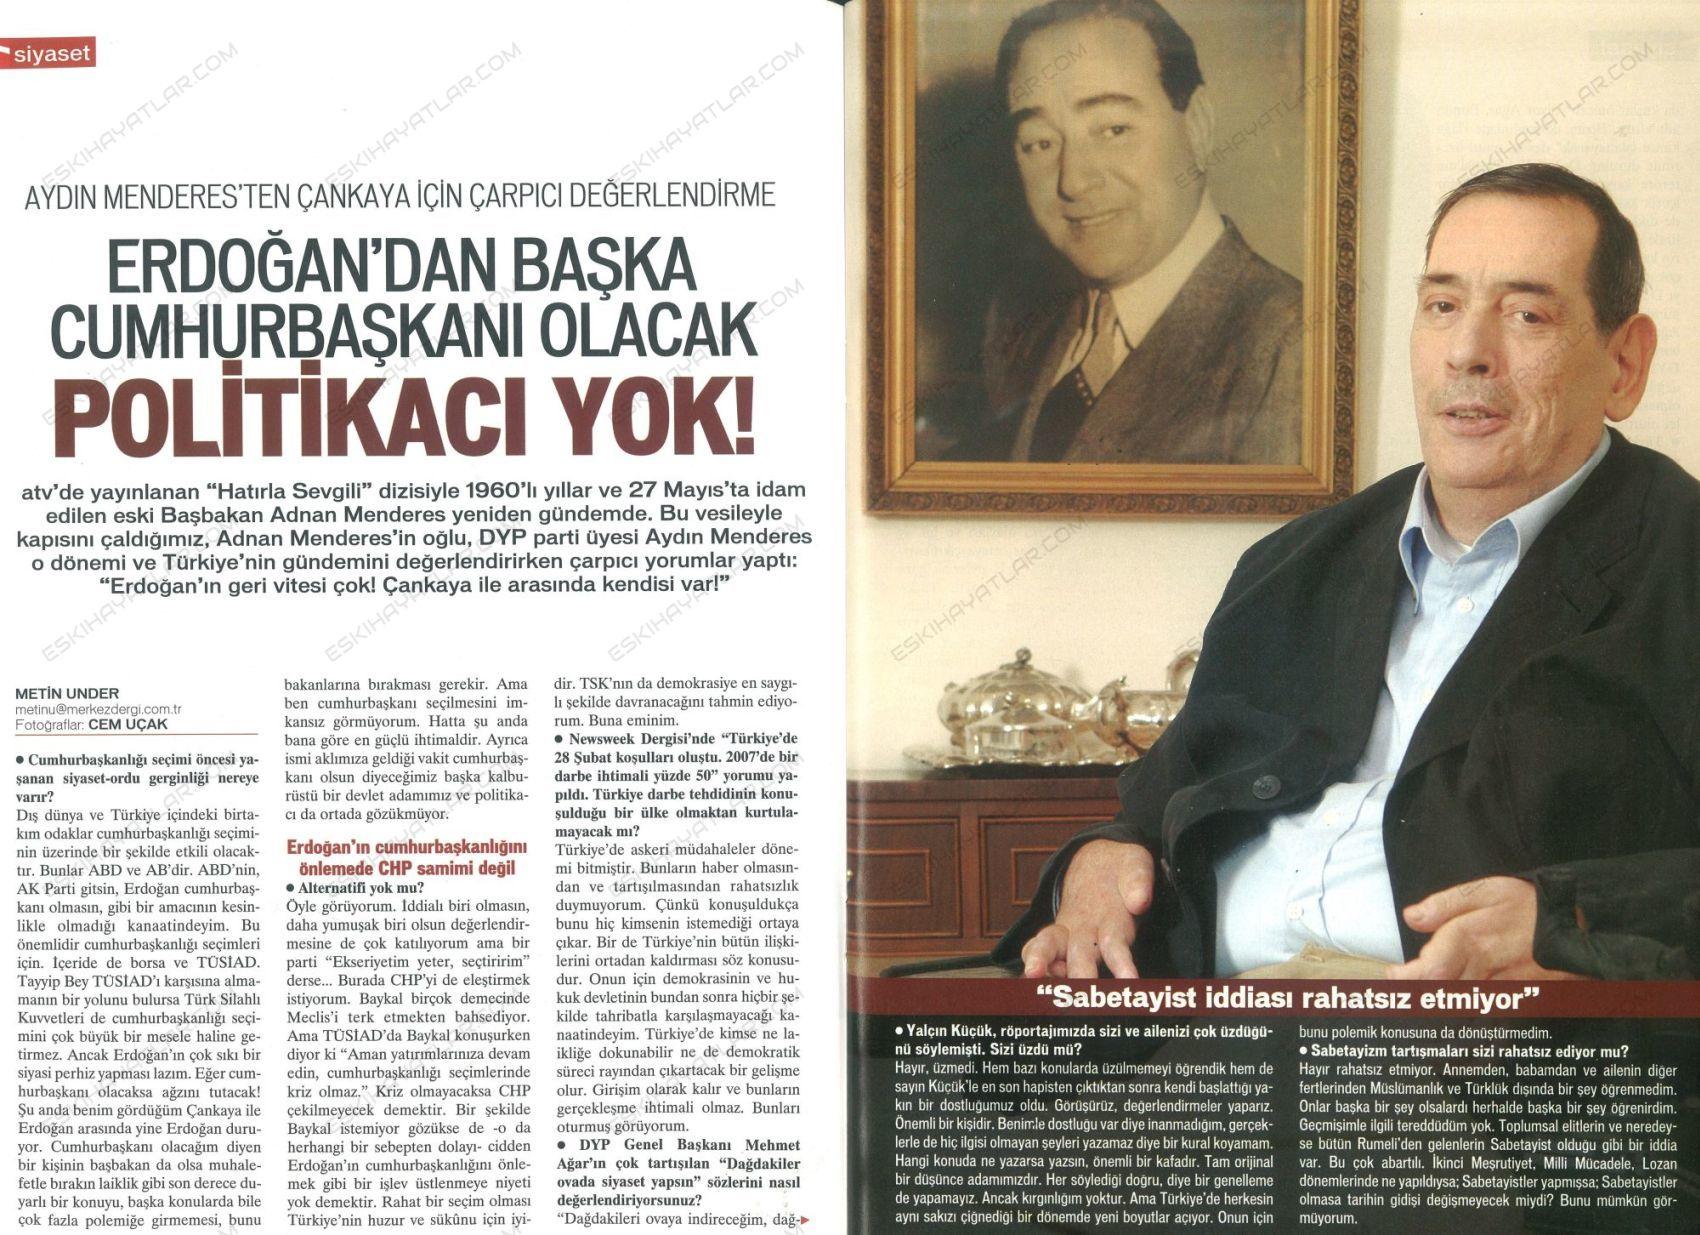 0381-aydin-menderes-roportaji-2006-aktuel-erdogan-cumhurbaskani-olacak (1)